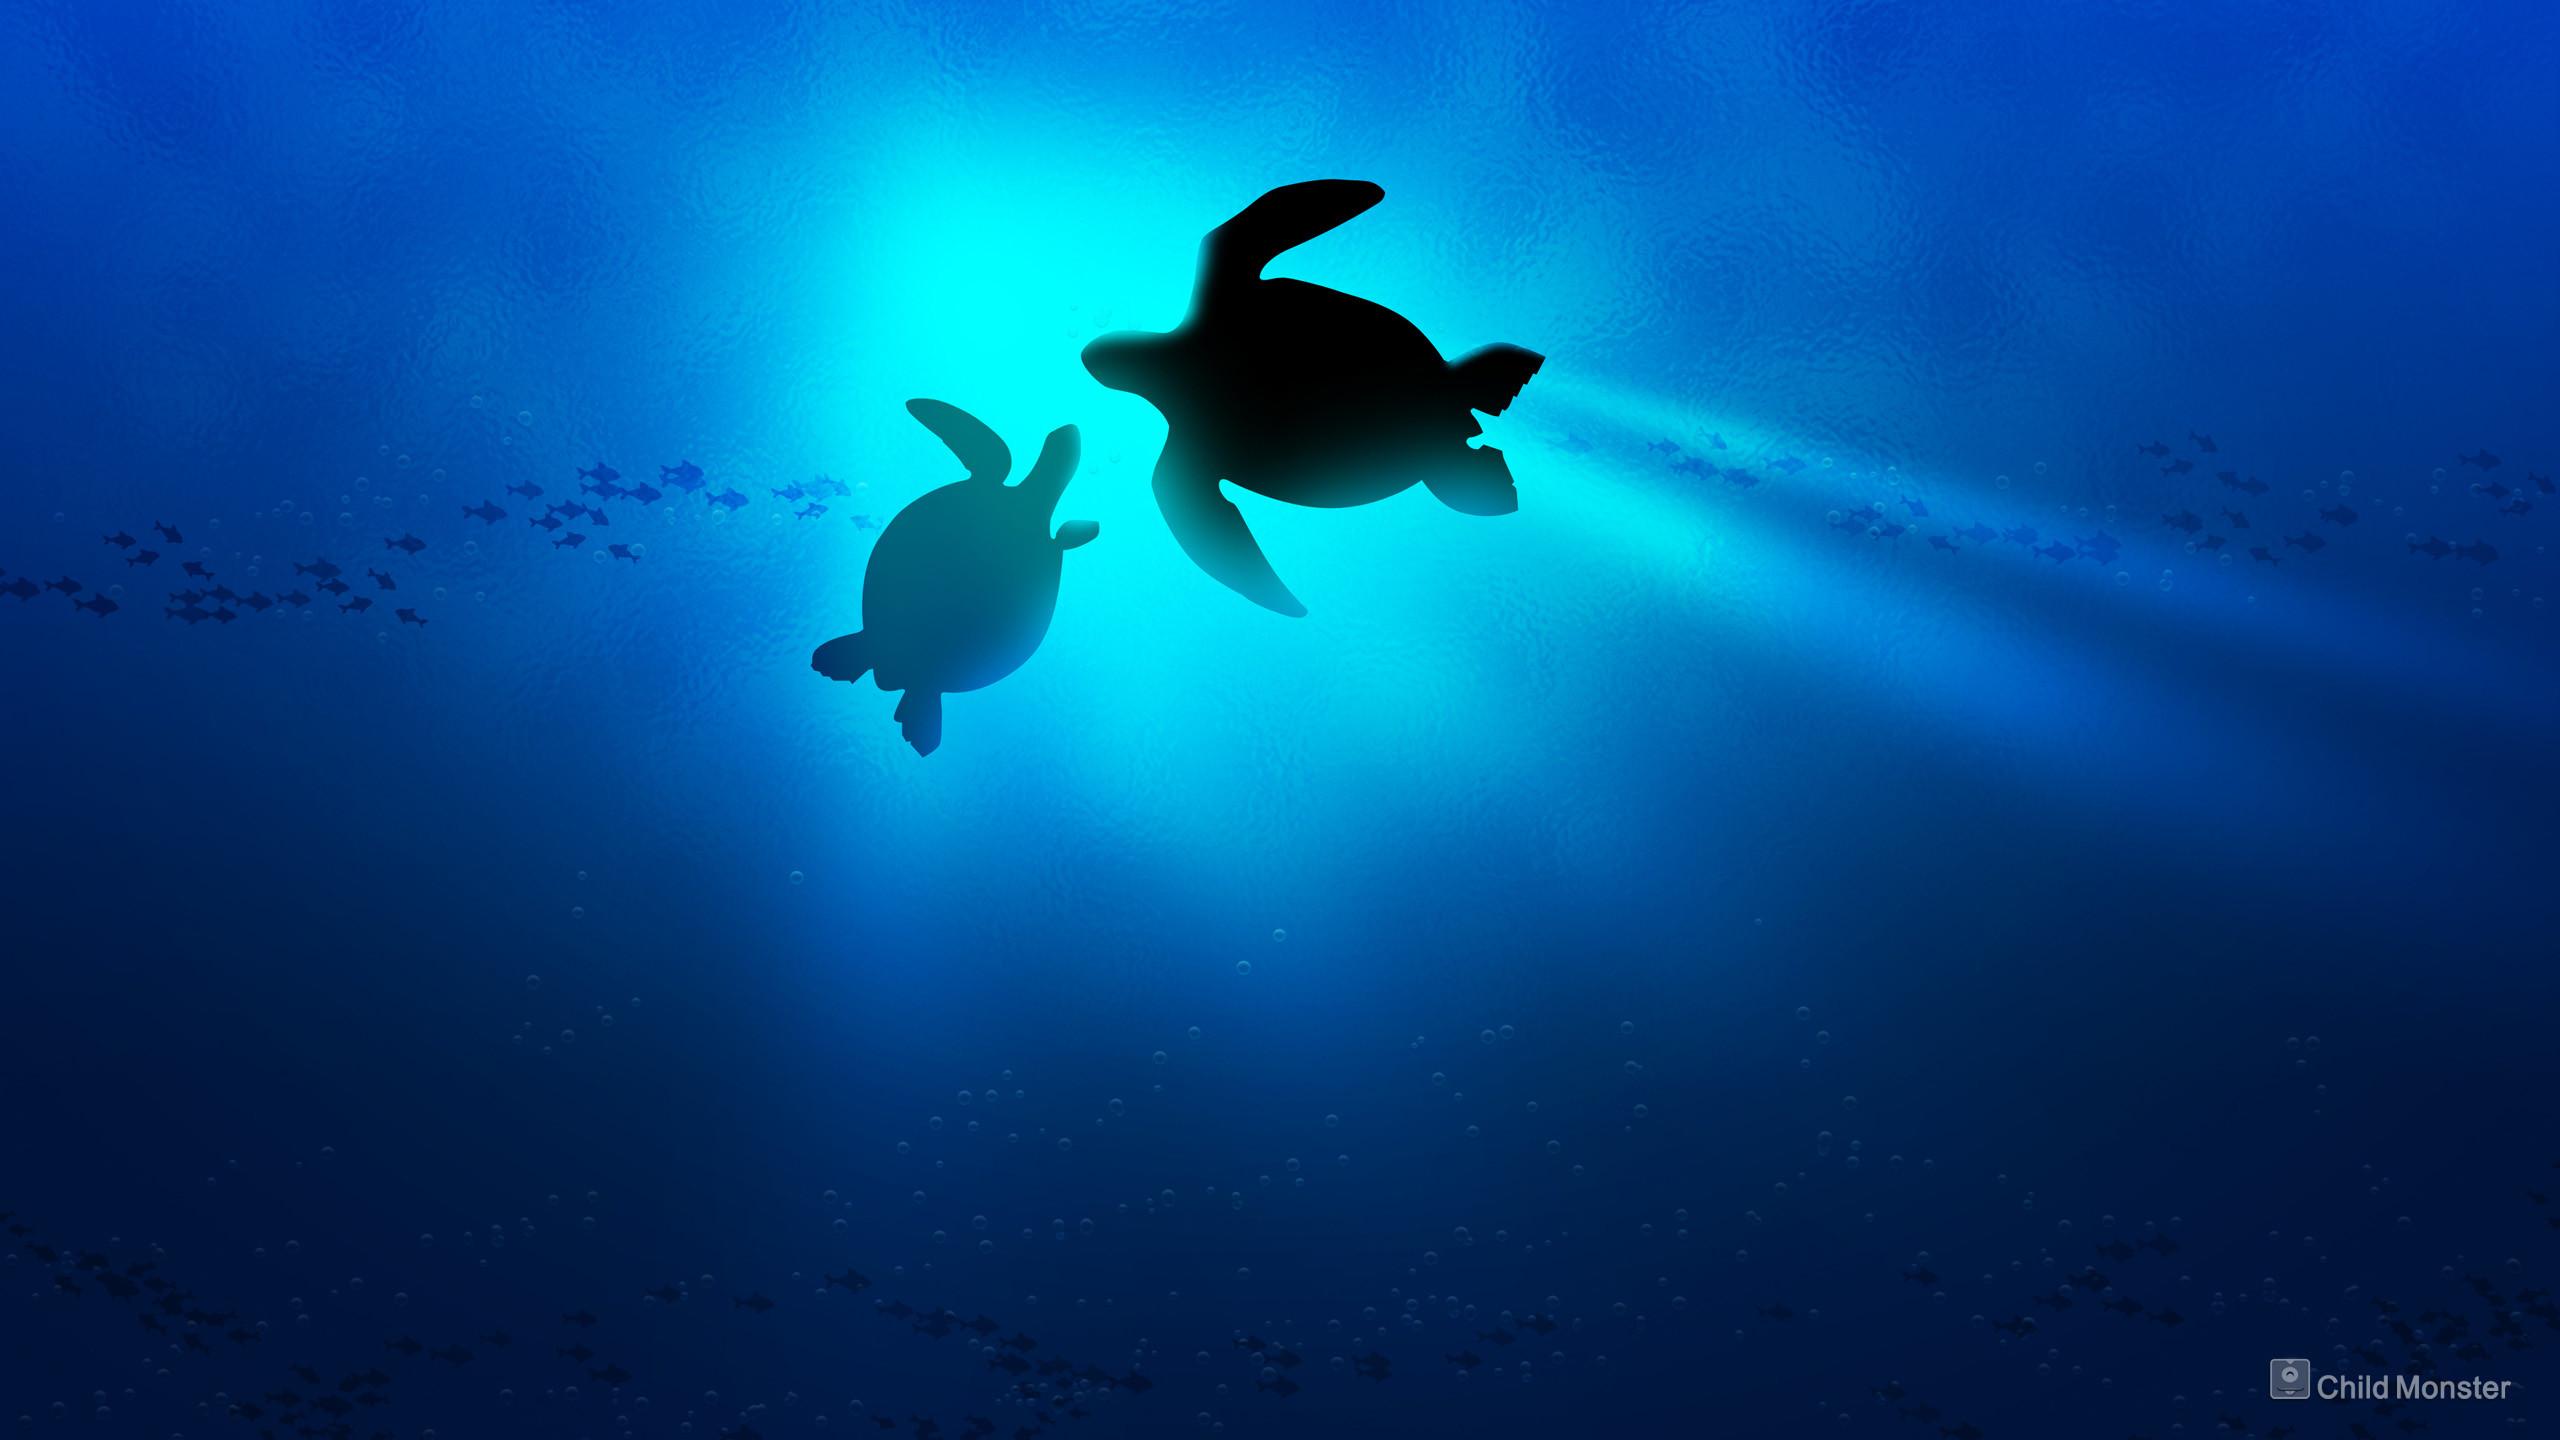 Cute Baby Full Hd Wallpaper Download Sea Turtles Desktop Wallpaper 60 Images